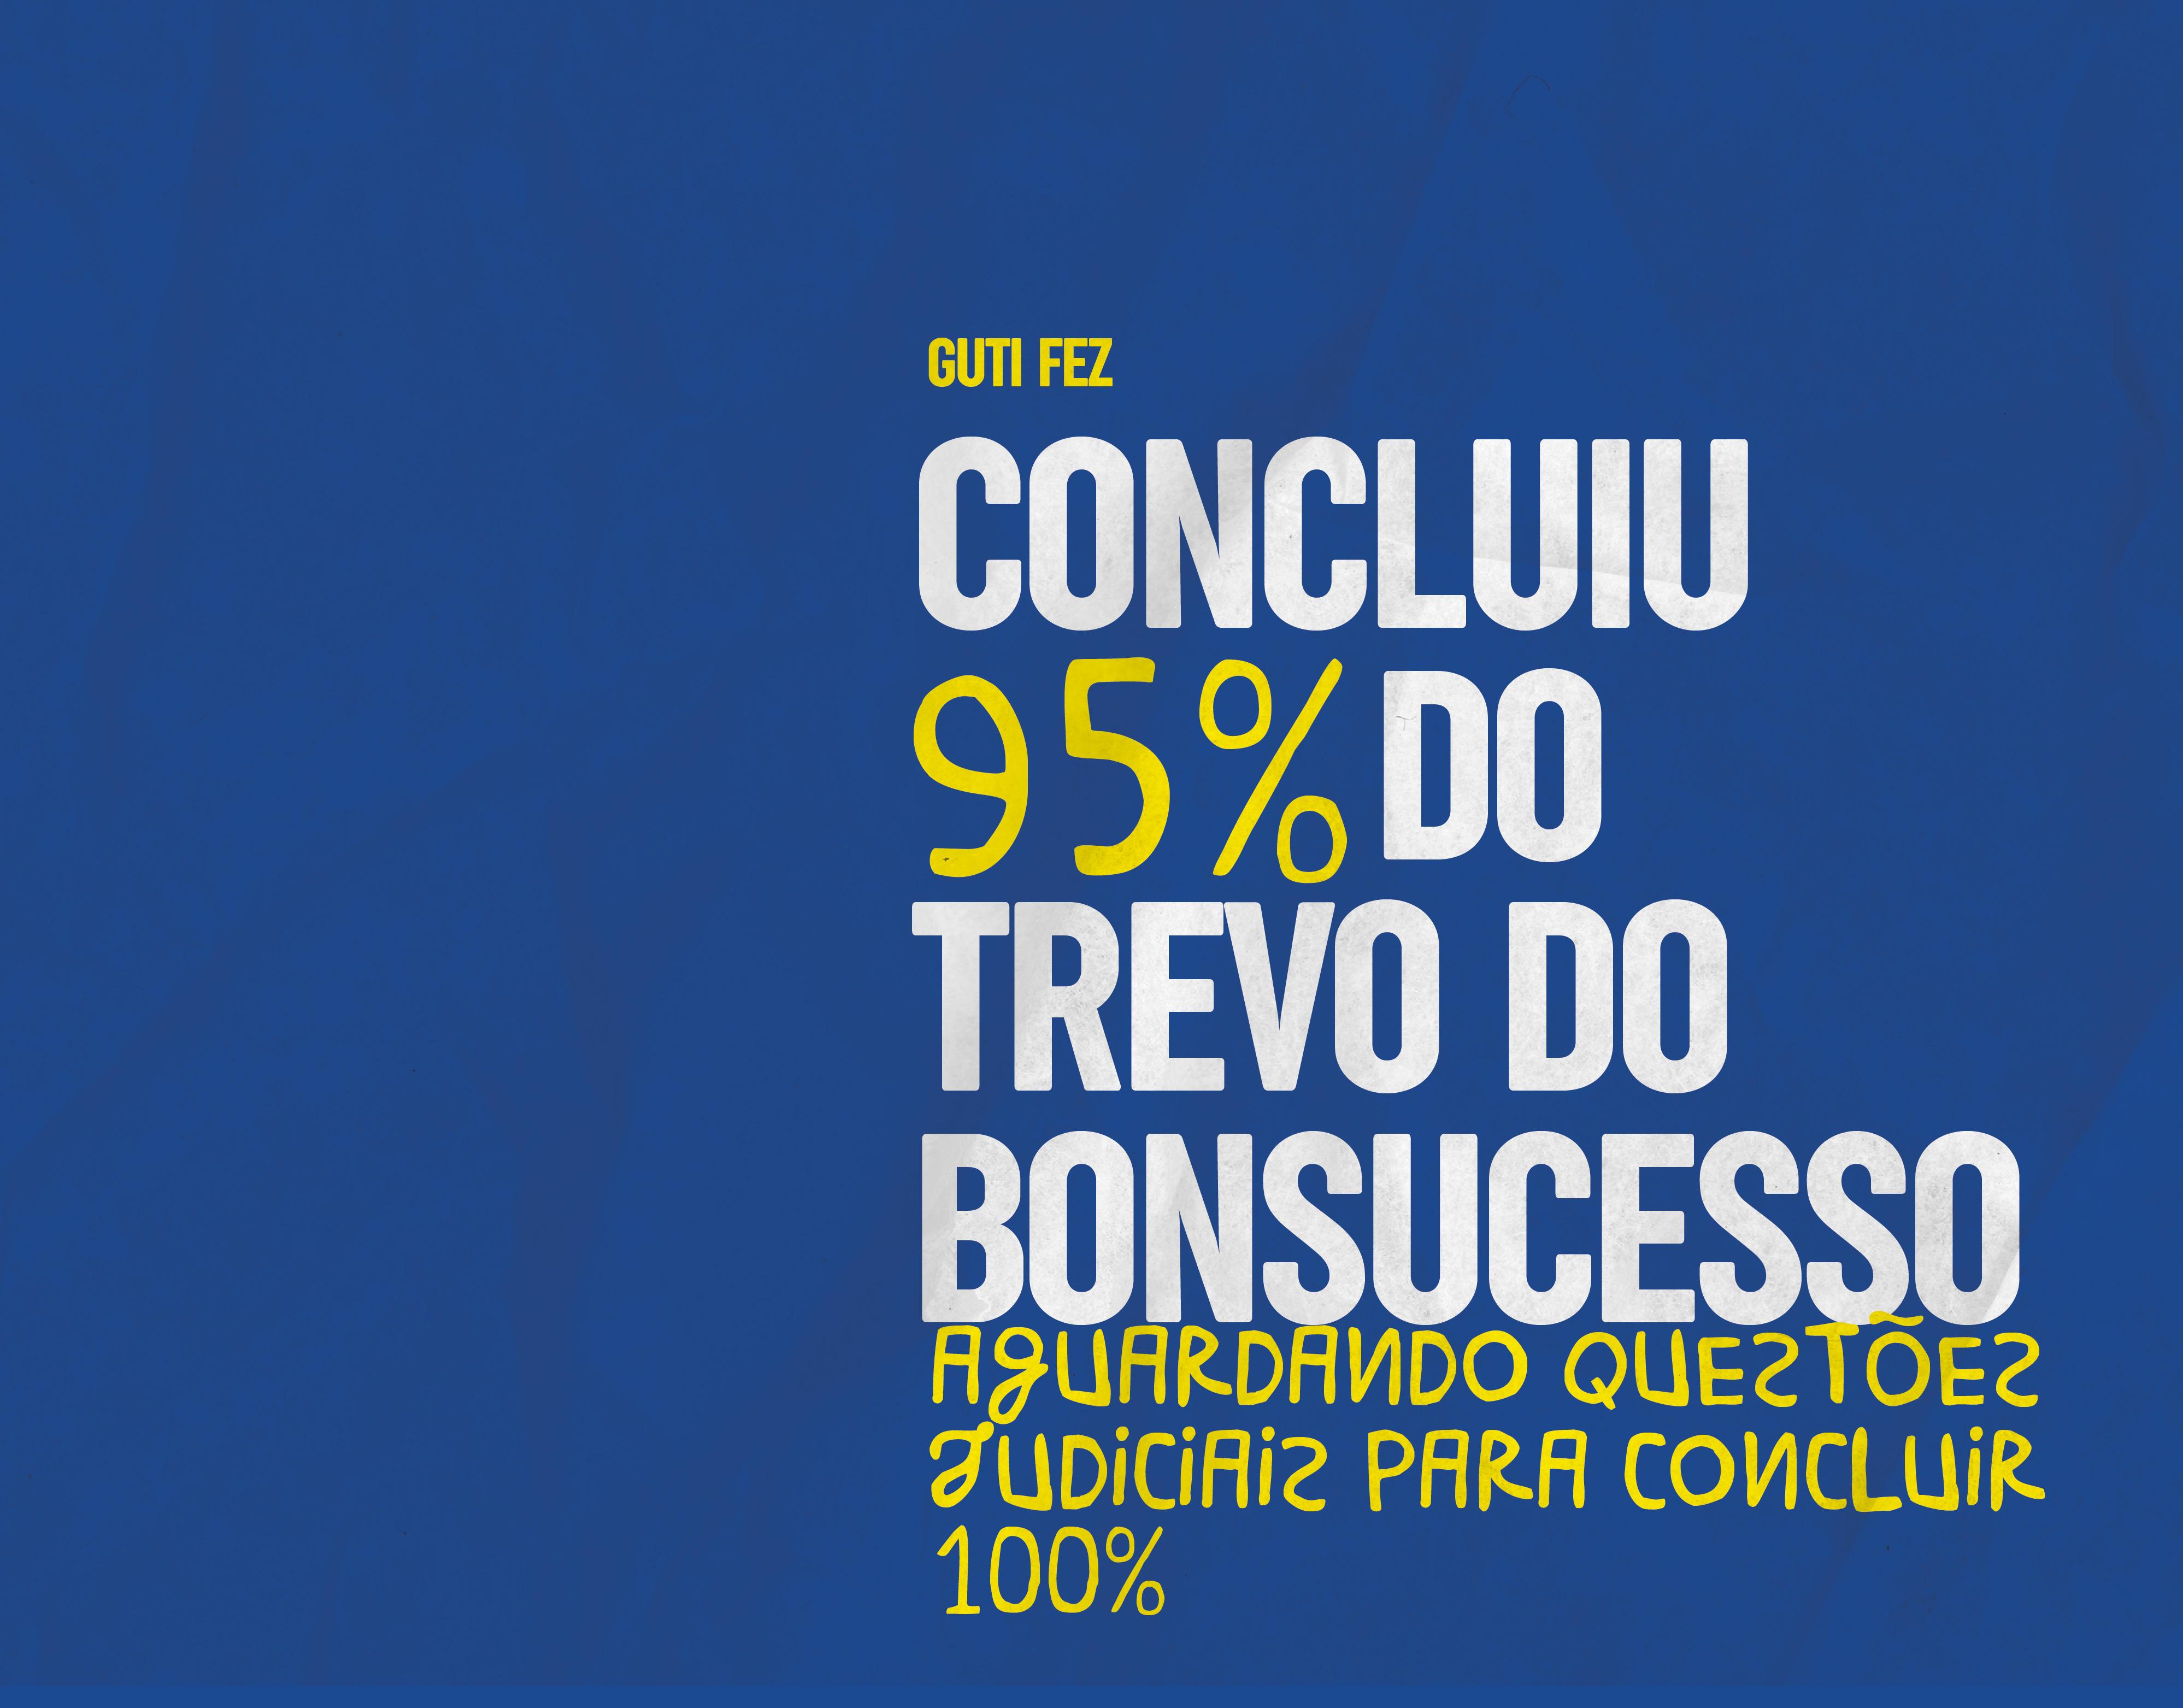 Concluiu 95% das obras do Trevo do Bonsucesso